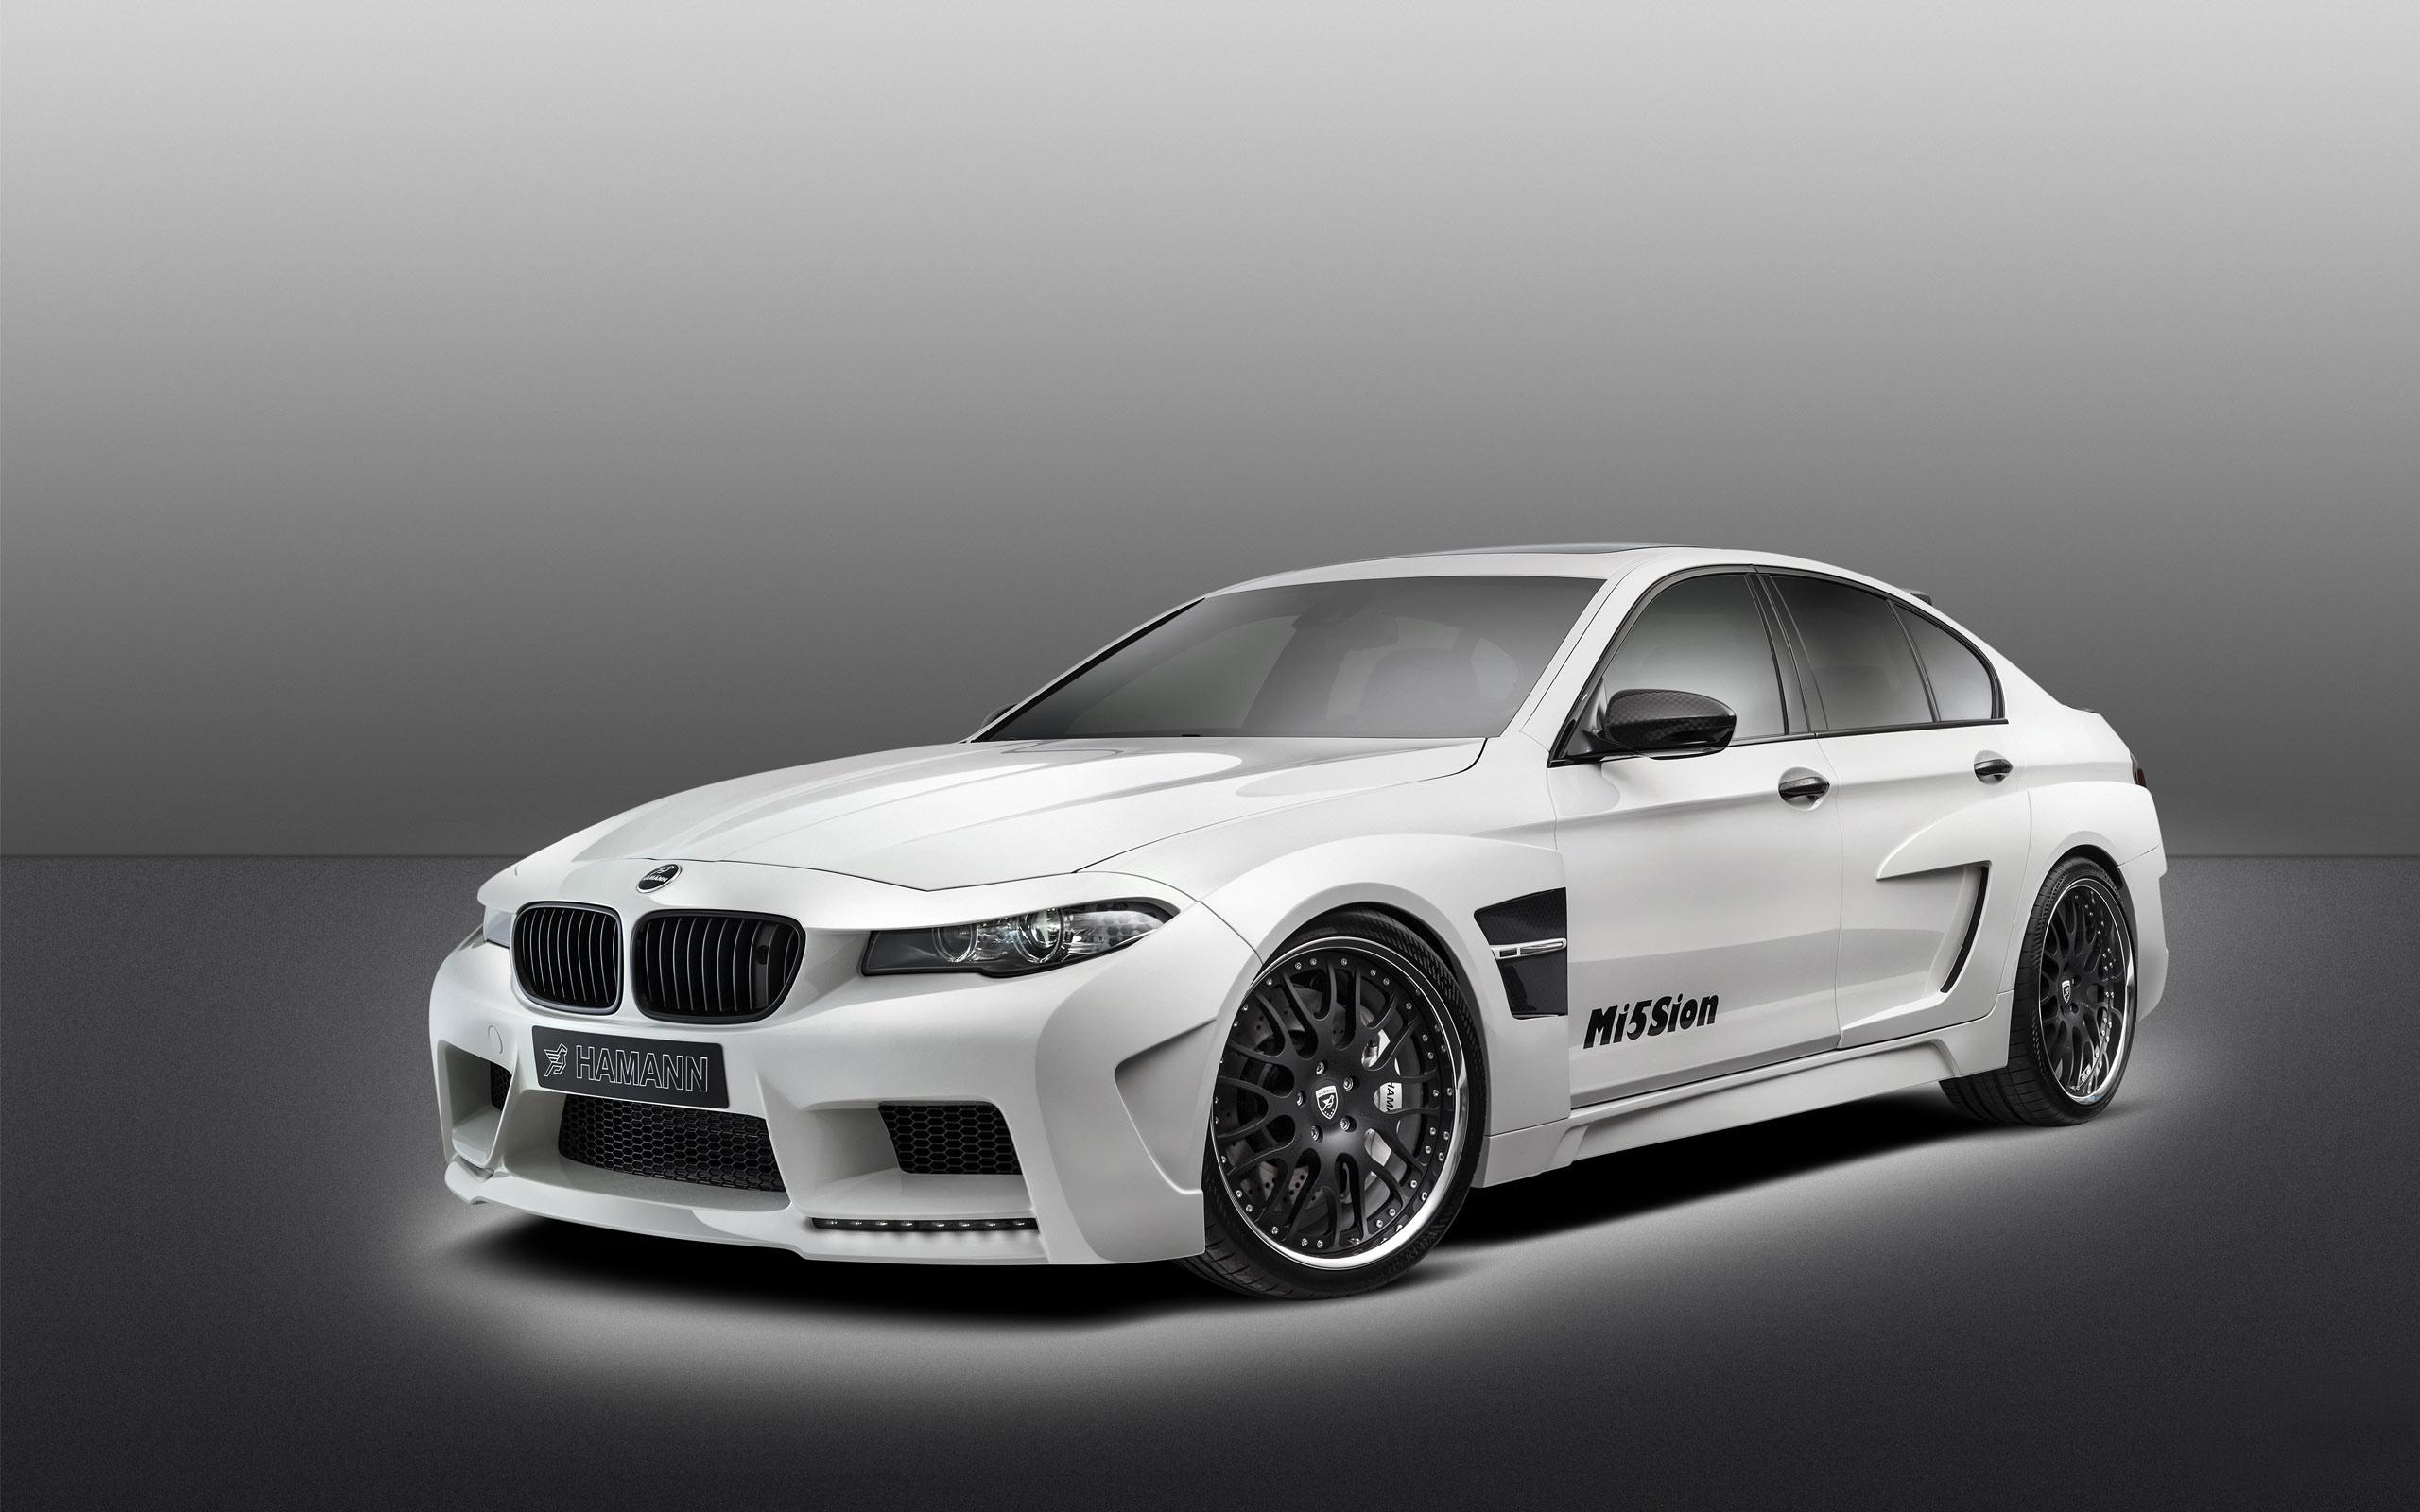 2013 BMW M5 Mission Wallpaper HD Car Wallpapers 2560x1600